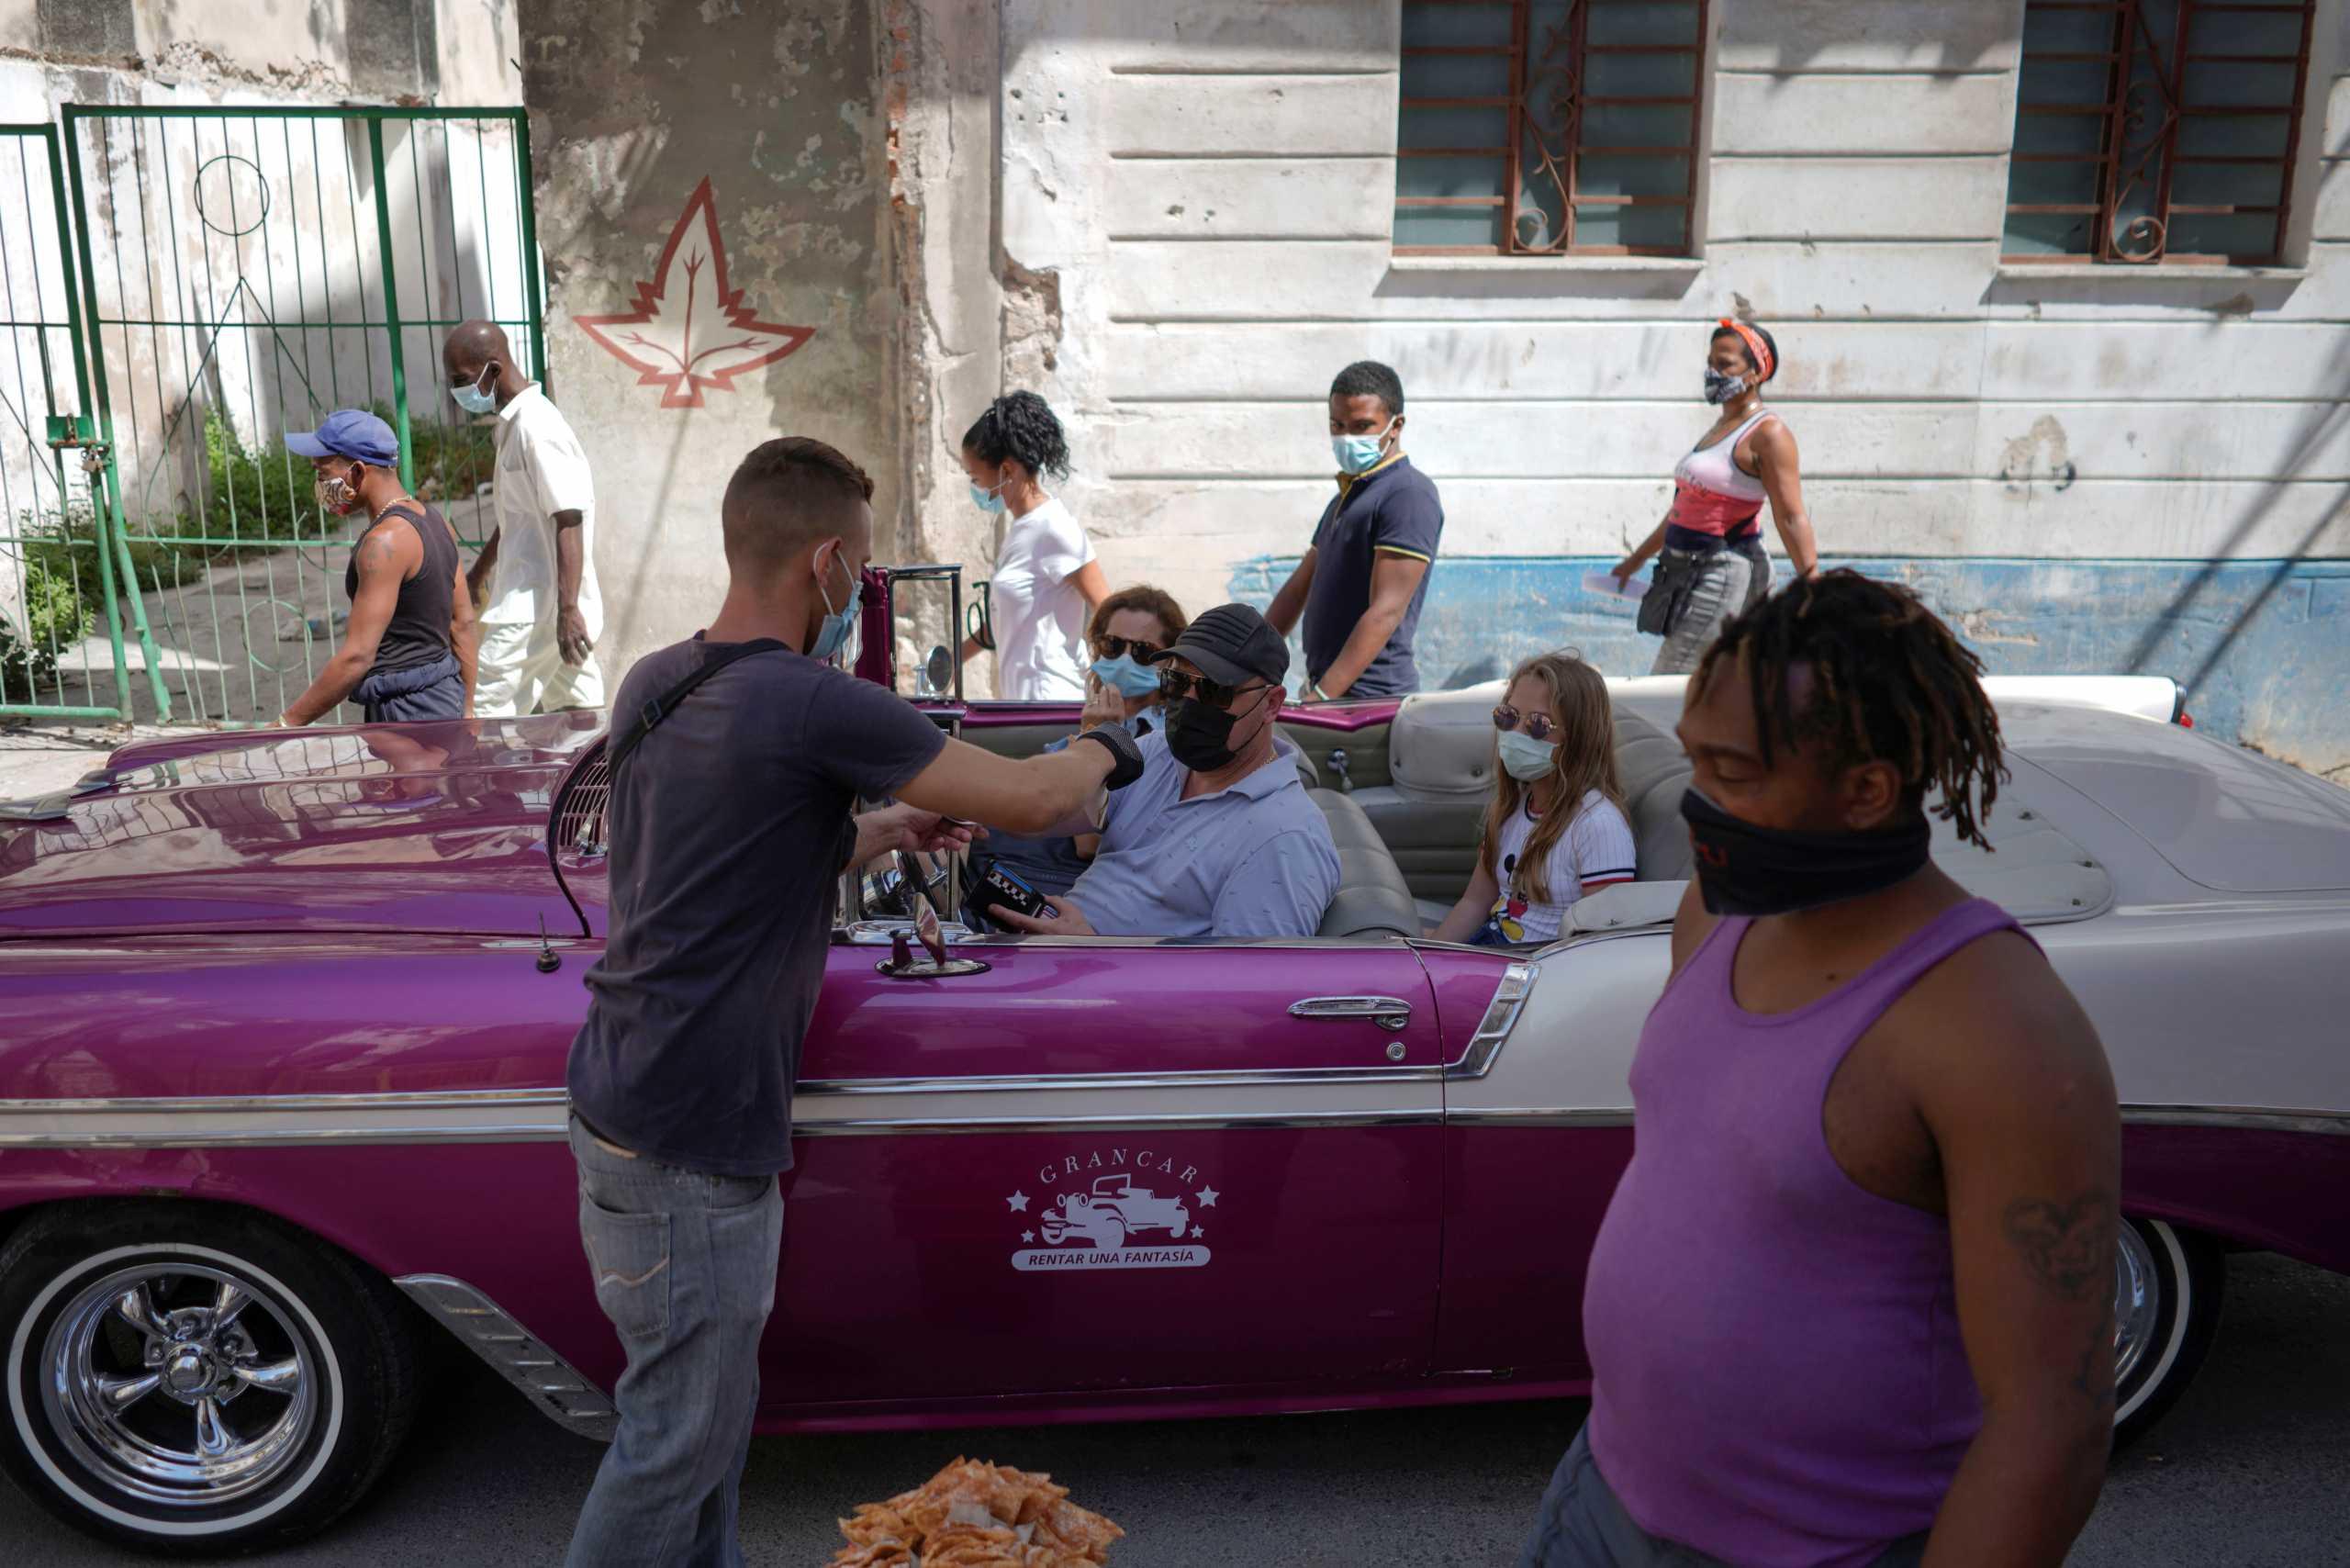 Κορονοϊός: Ρεκόρ θανάτων στην Κούβα με οκτώ νεκρούς σε 24 ώρες